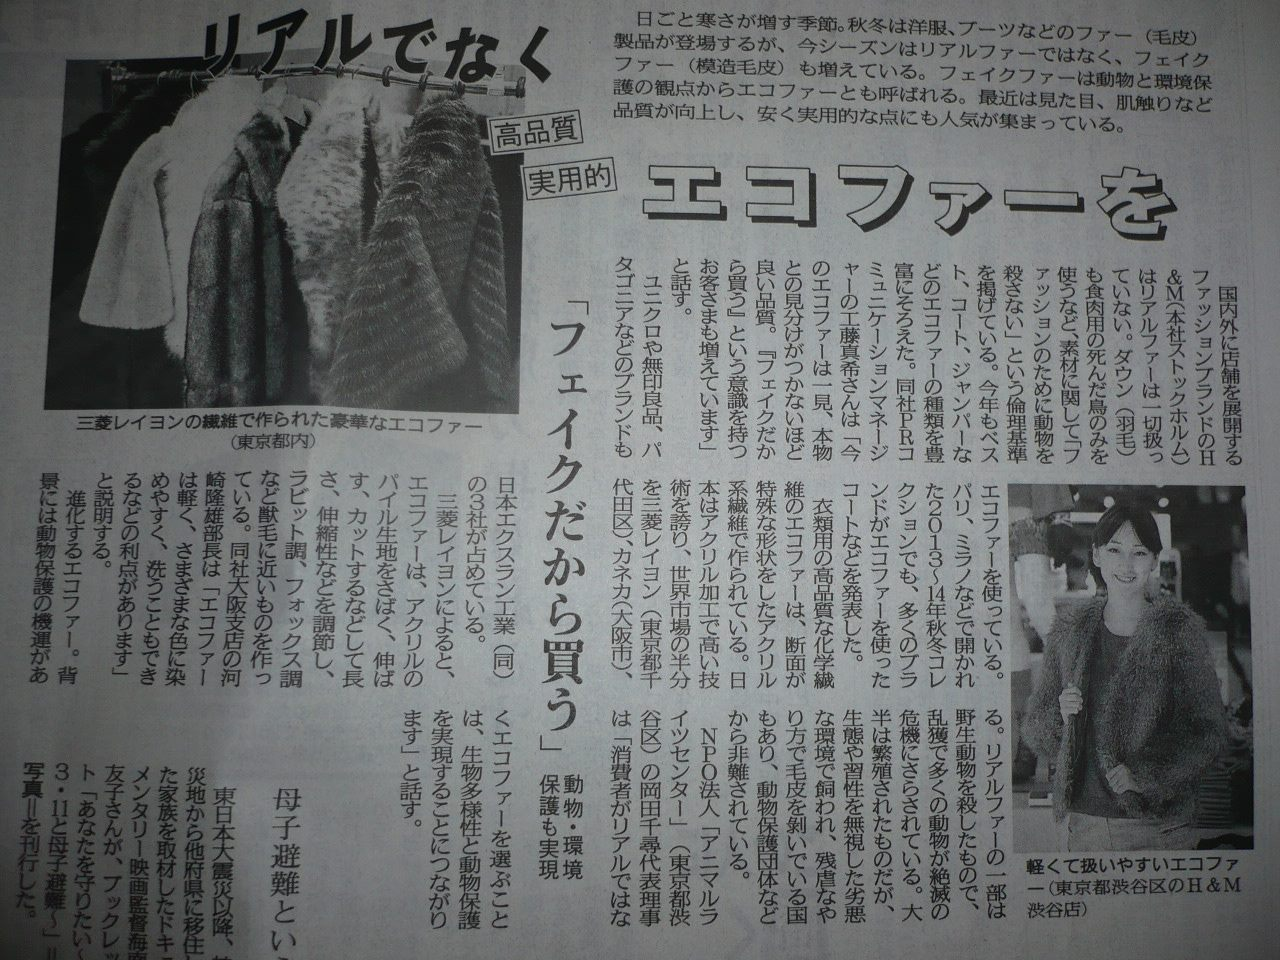 kyotosinbun.jpg